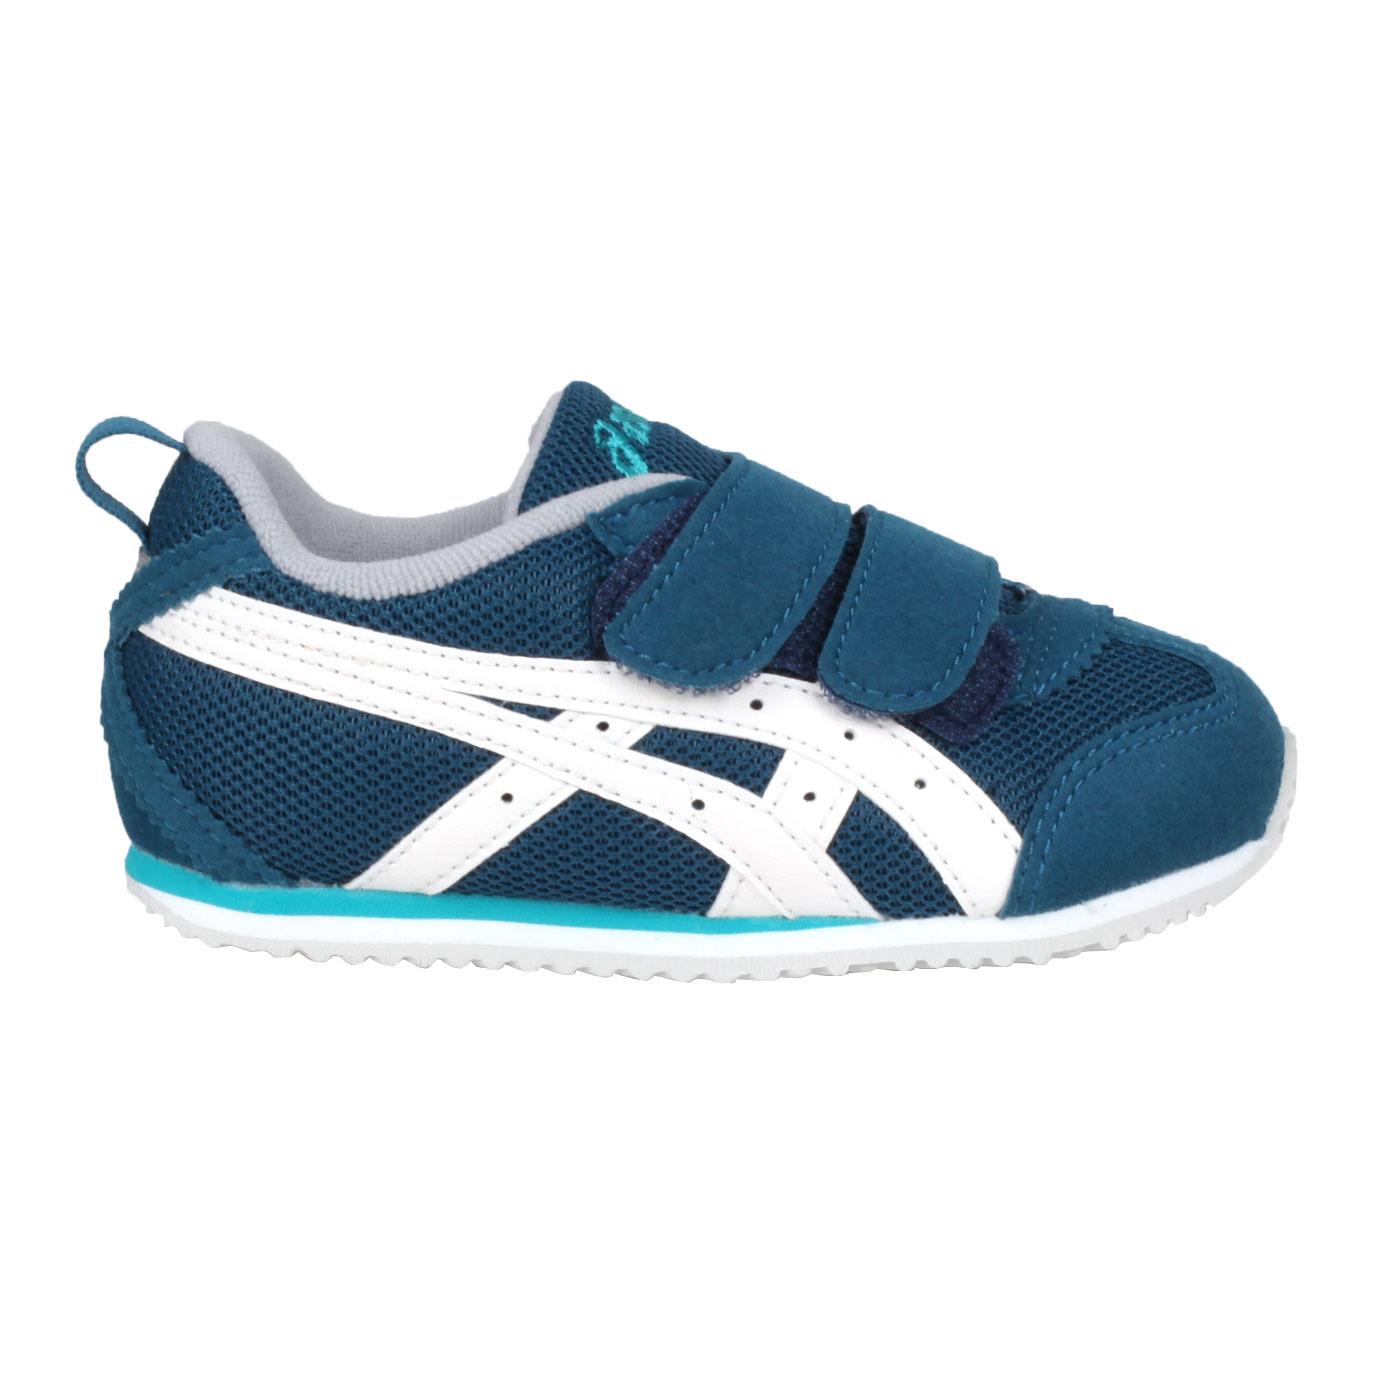 ASICS 小童運動鞋  @MEXICO NARROW BABY 4@1144A008-400 - 藍綠白